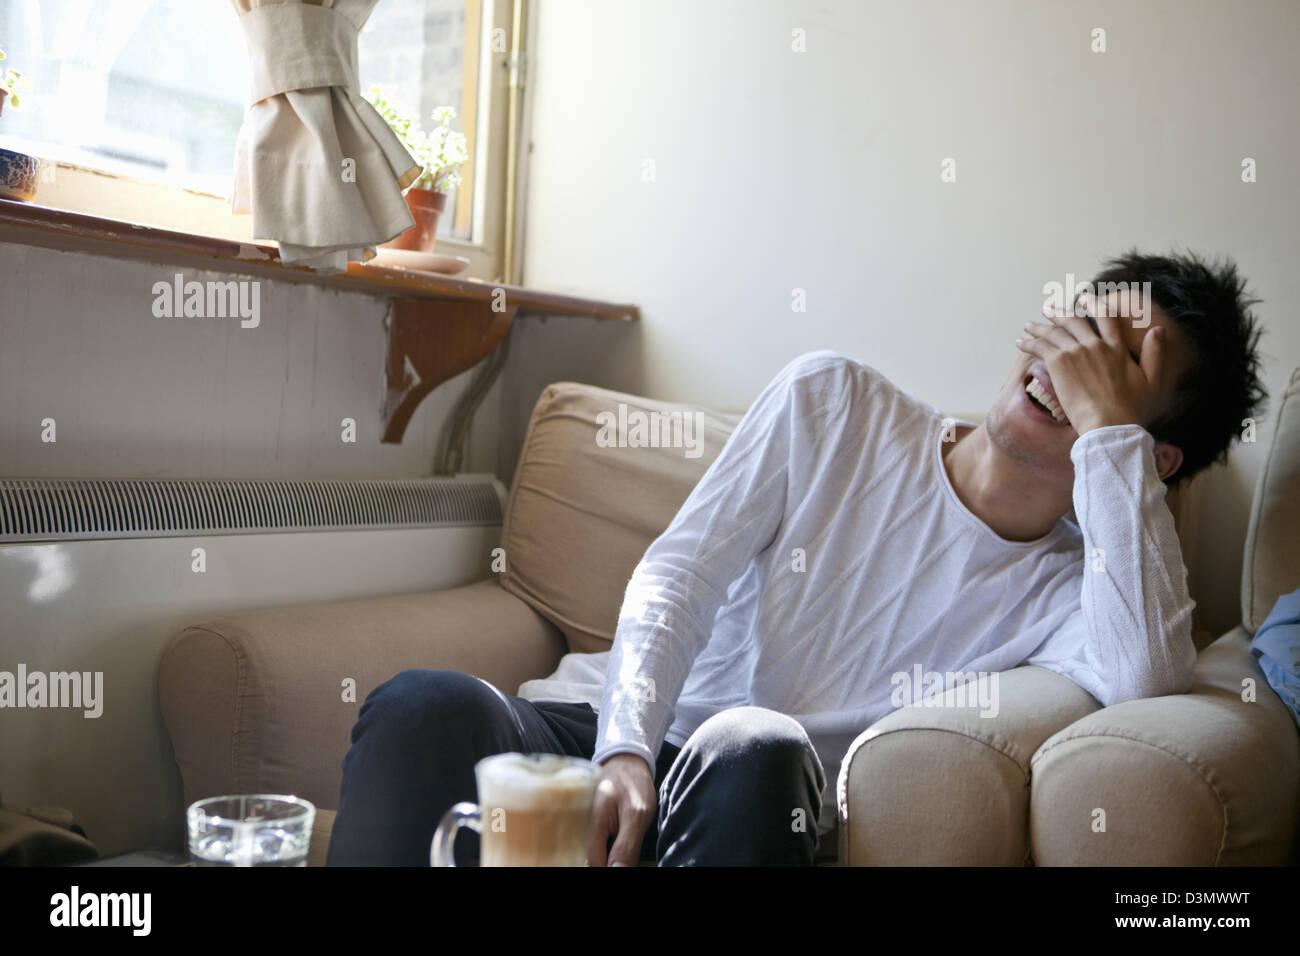 Imbarazzato giovane uomo cinese copre la faccia ridere Immagini Stock